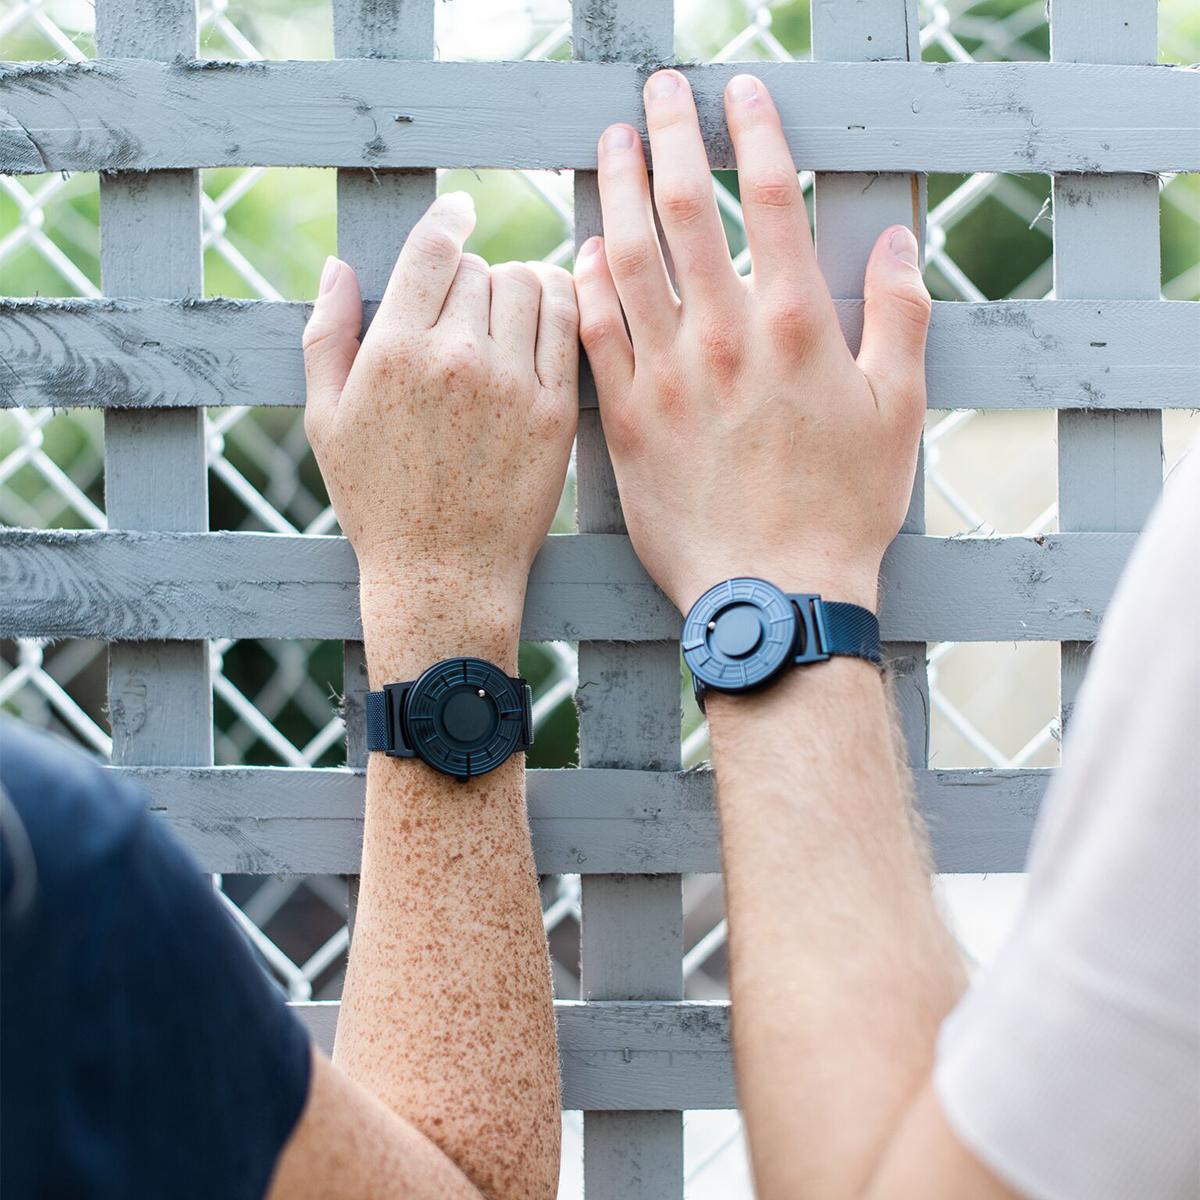 すべての人が楽しめる、ユニバーサルデザイン時計。あなたを引き立てる、濃紺のタイムピース「触る時計」| EONE(COSMOS)